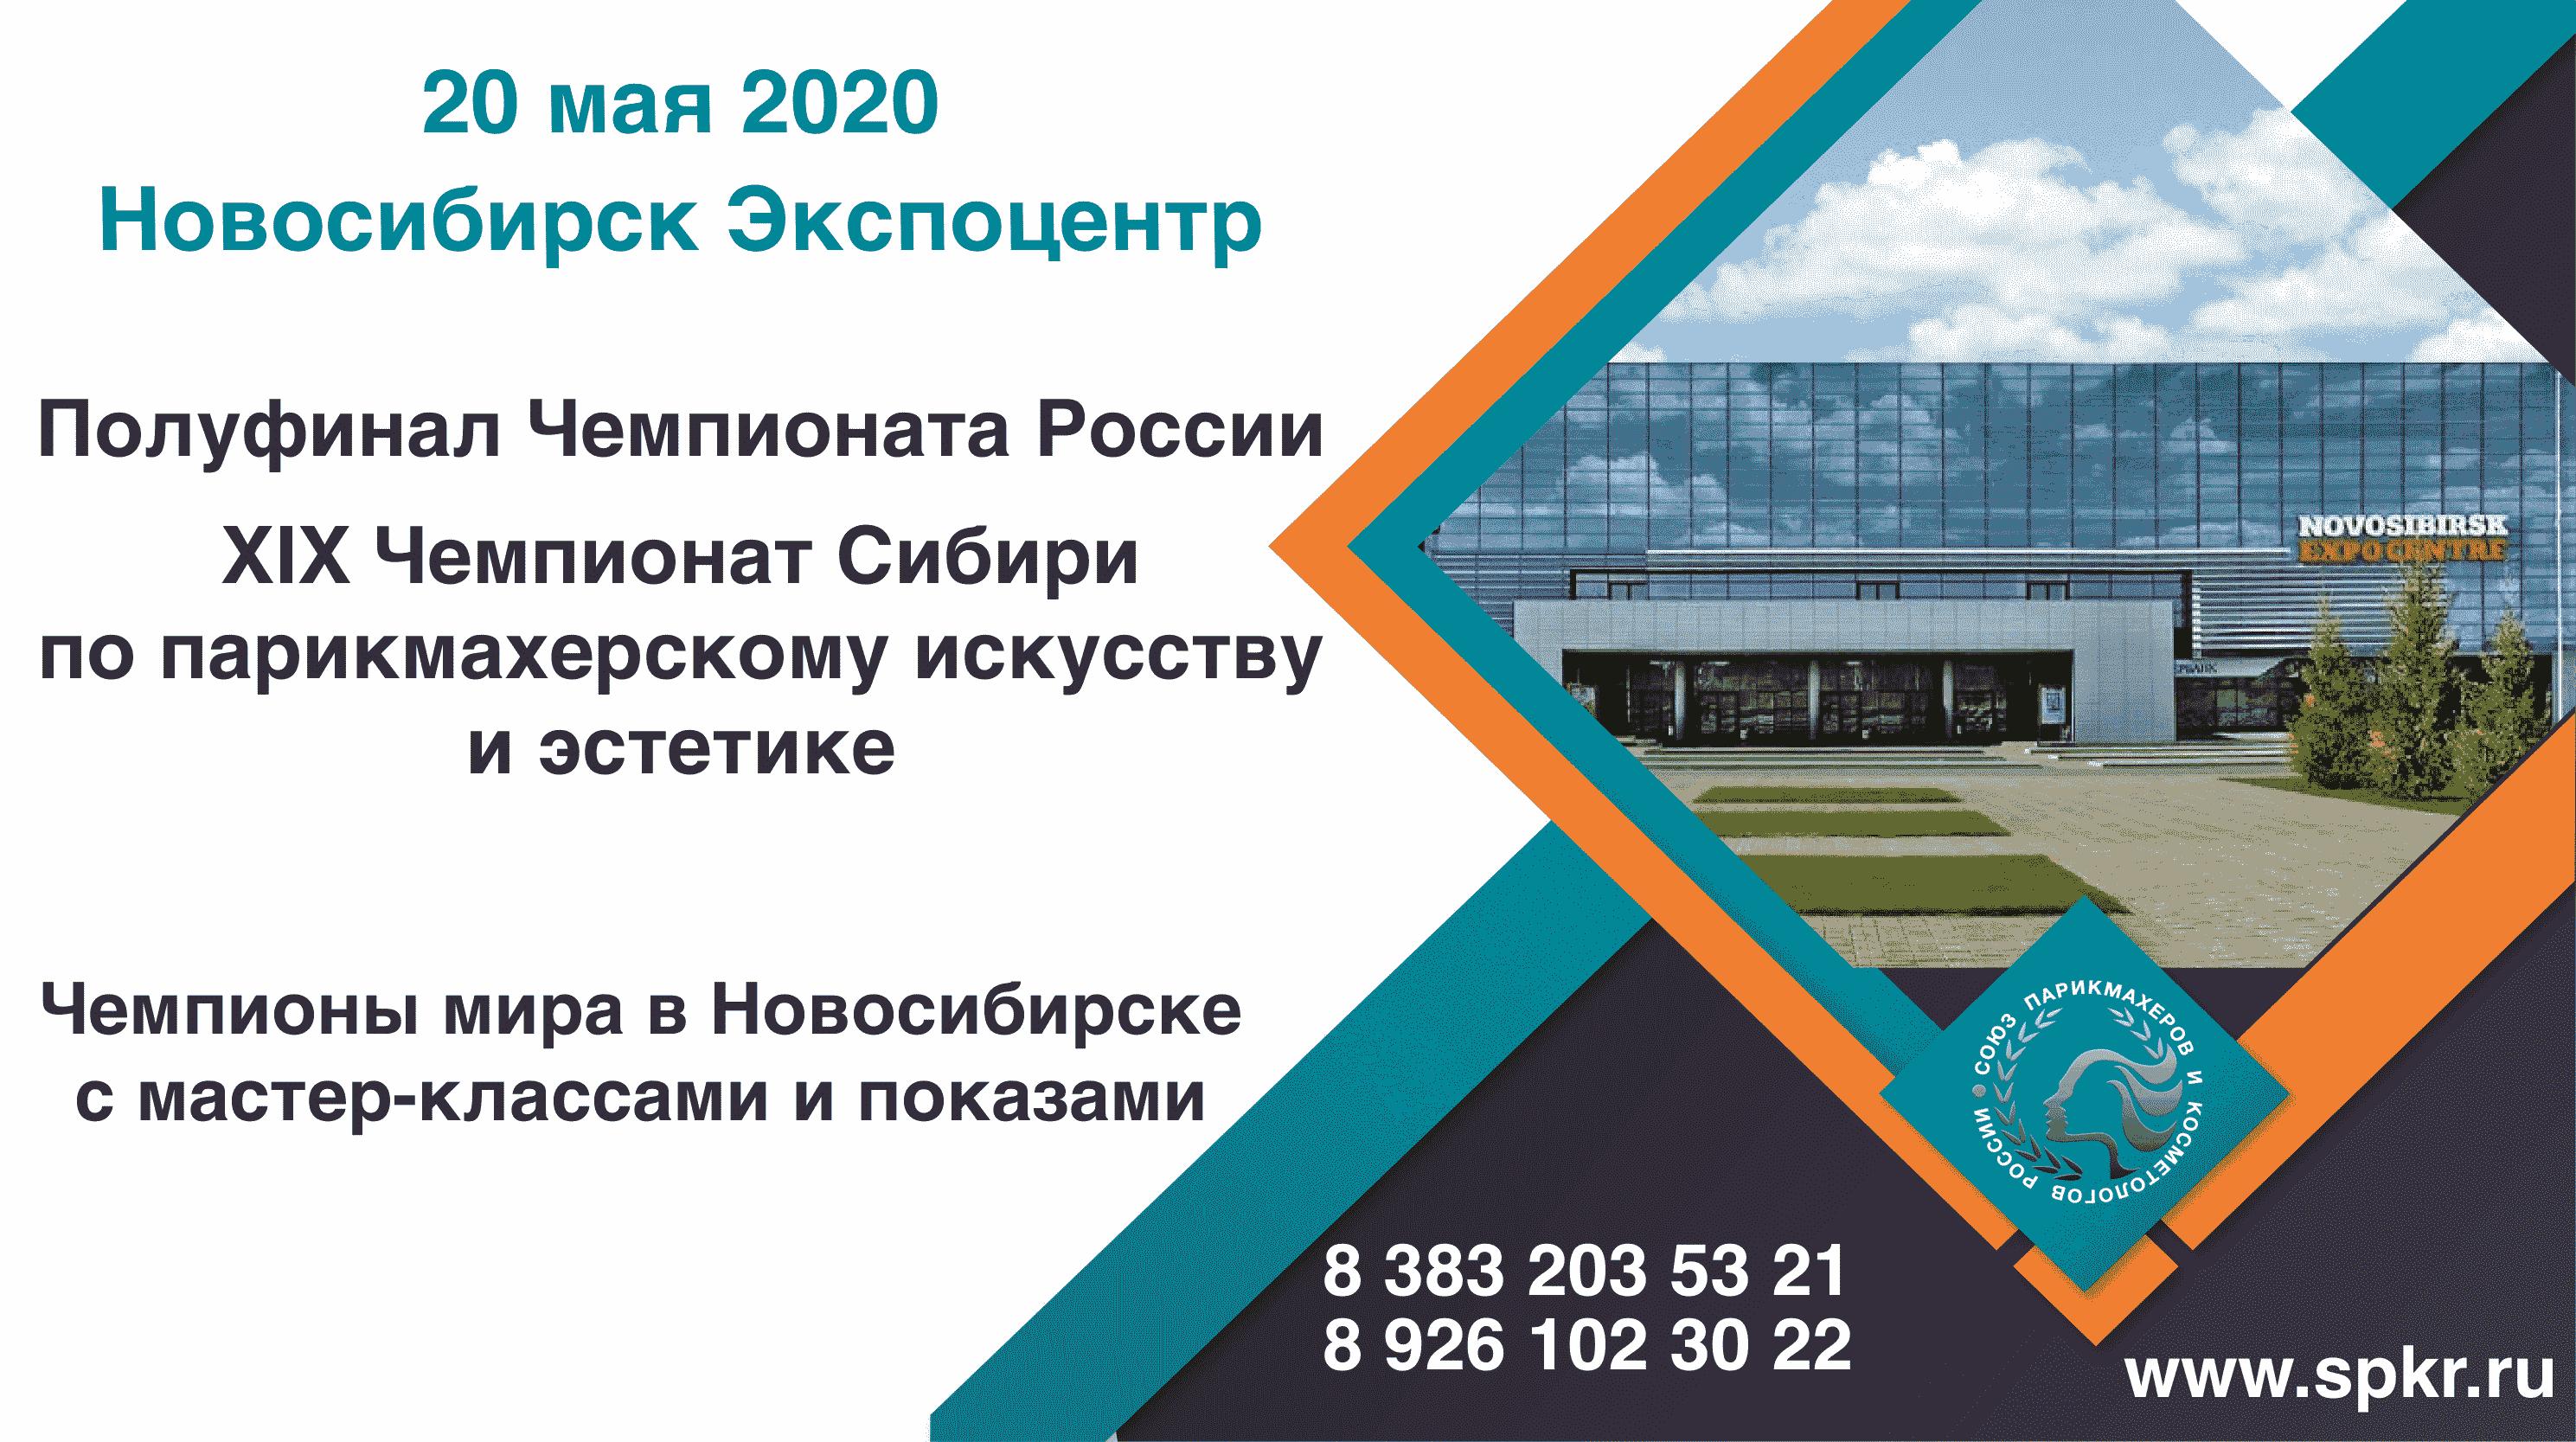 Новосибирск 2020